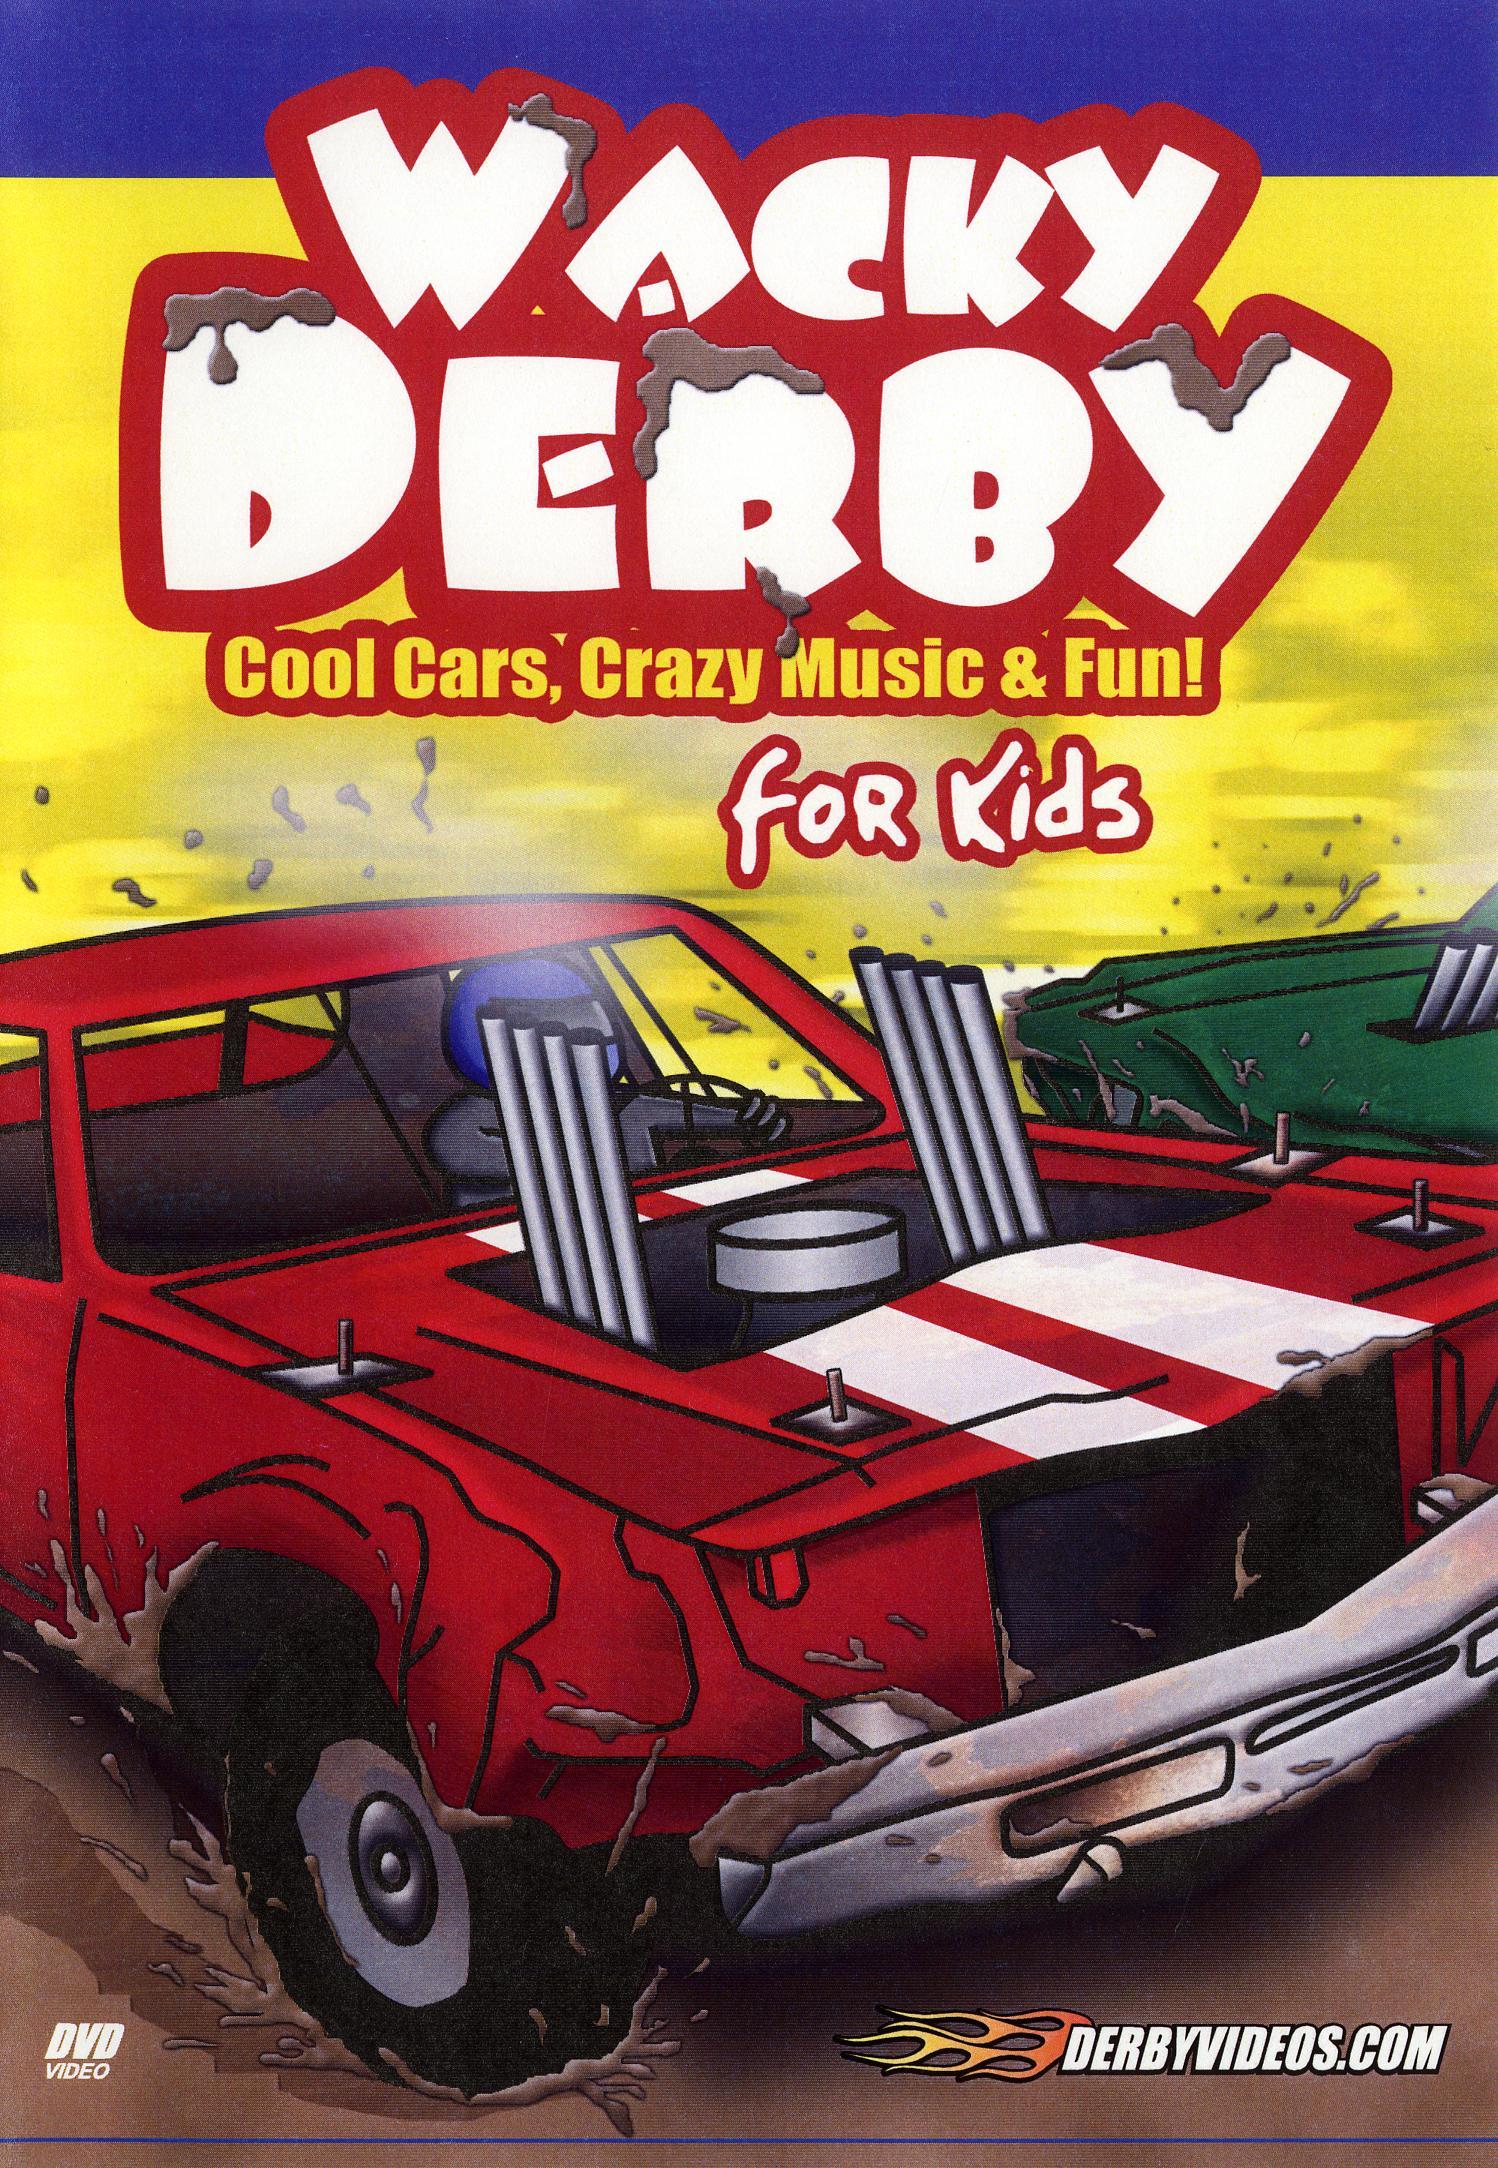 Wacky Derby For Kids